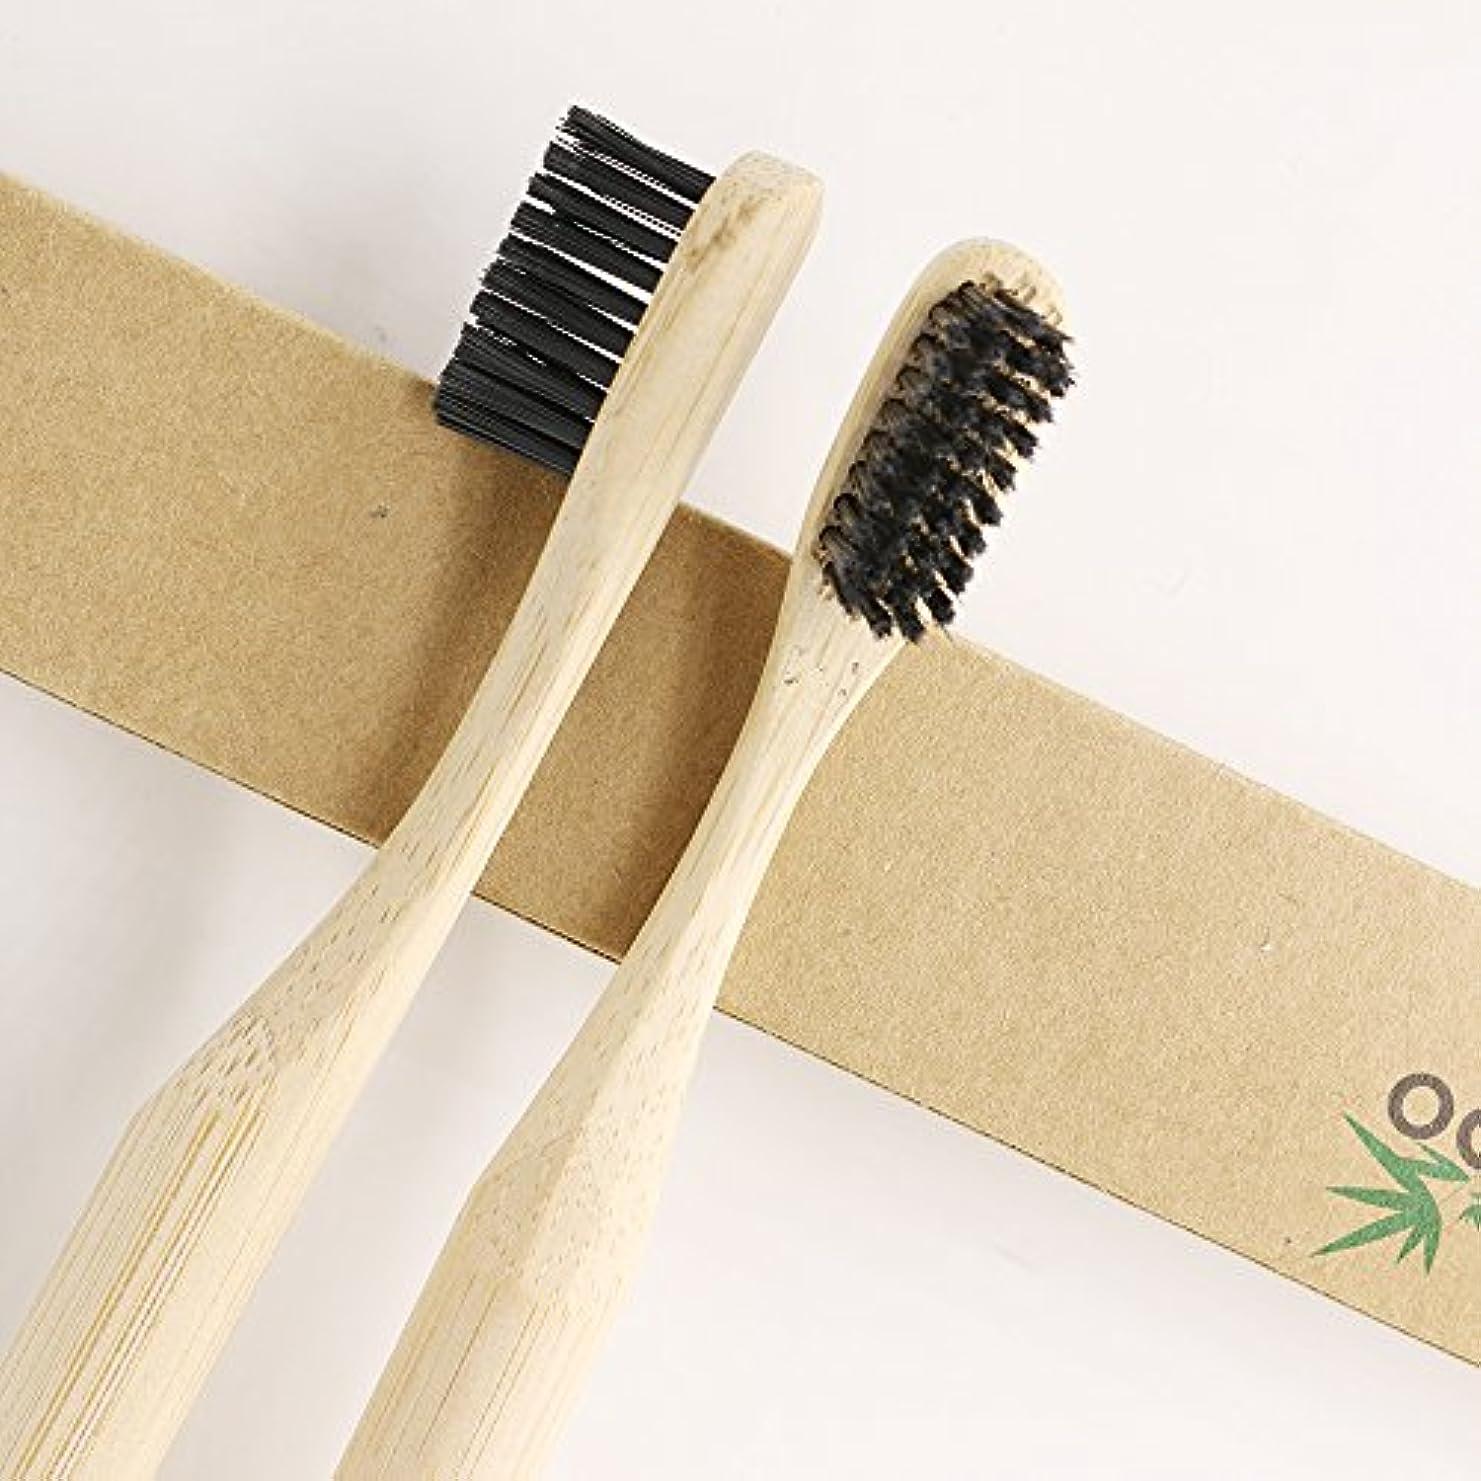 セクタ曖昧な追記N-amboo 竹製耐久度高い 歯ブラシ  2本入り セット 黒い